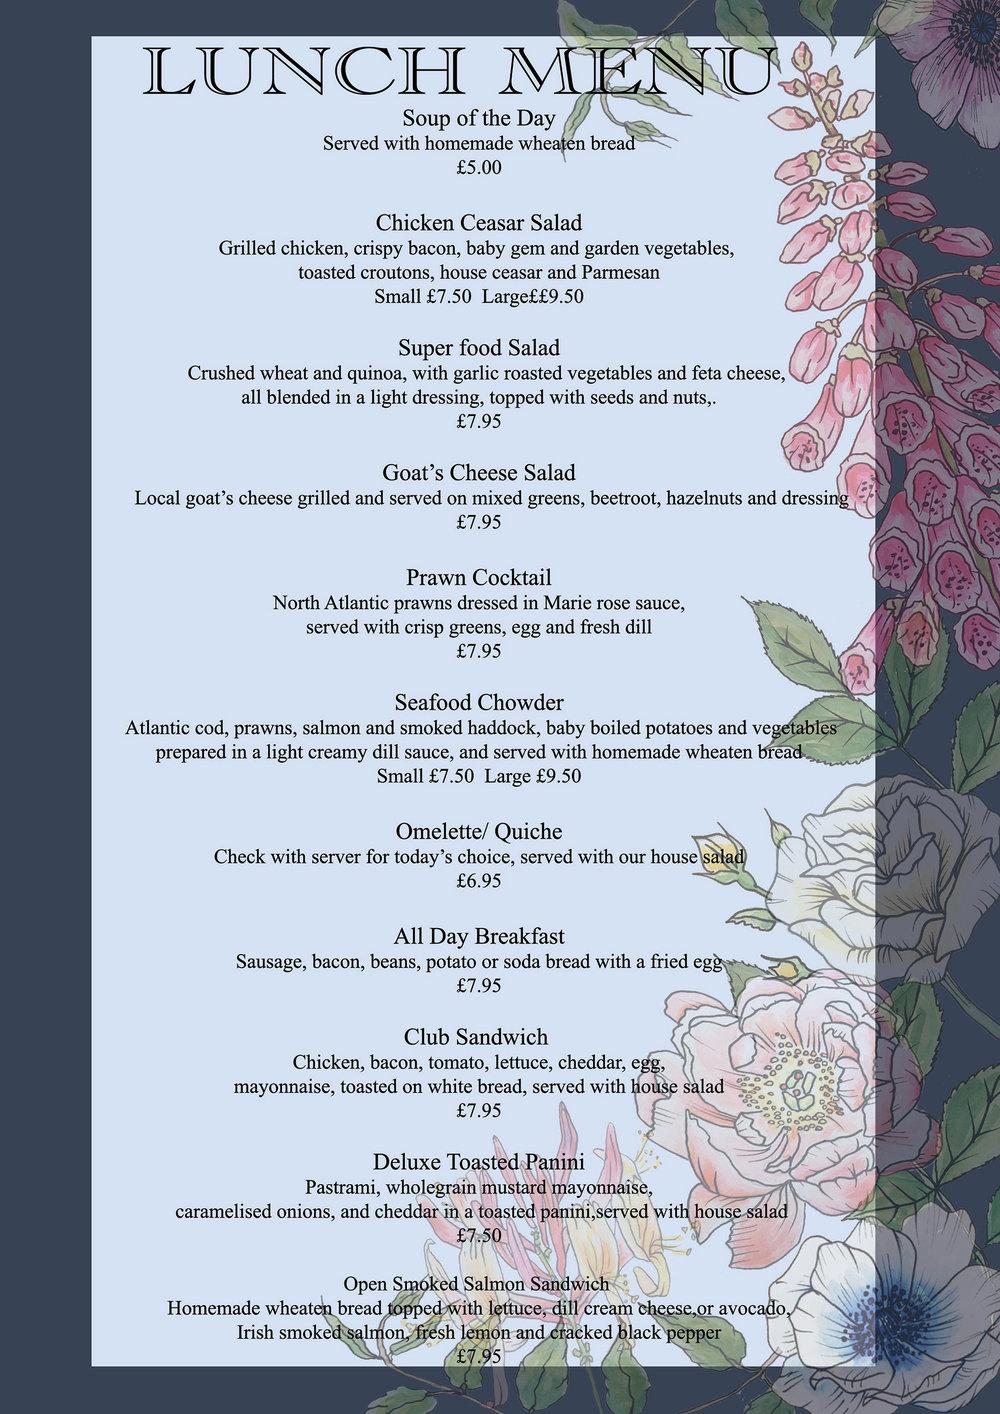 lunch_menu_1.jpg